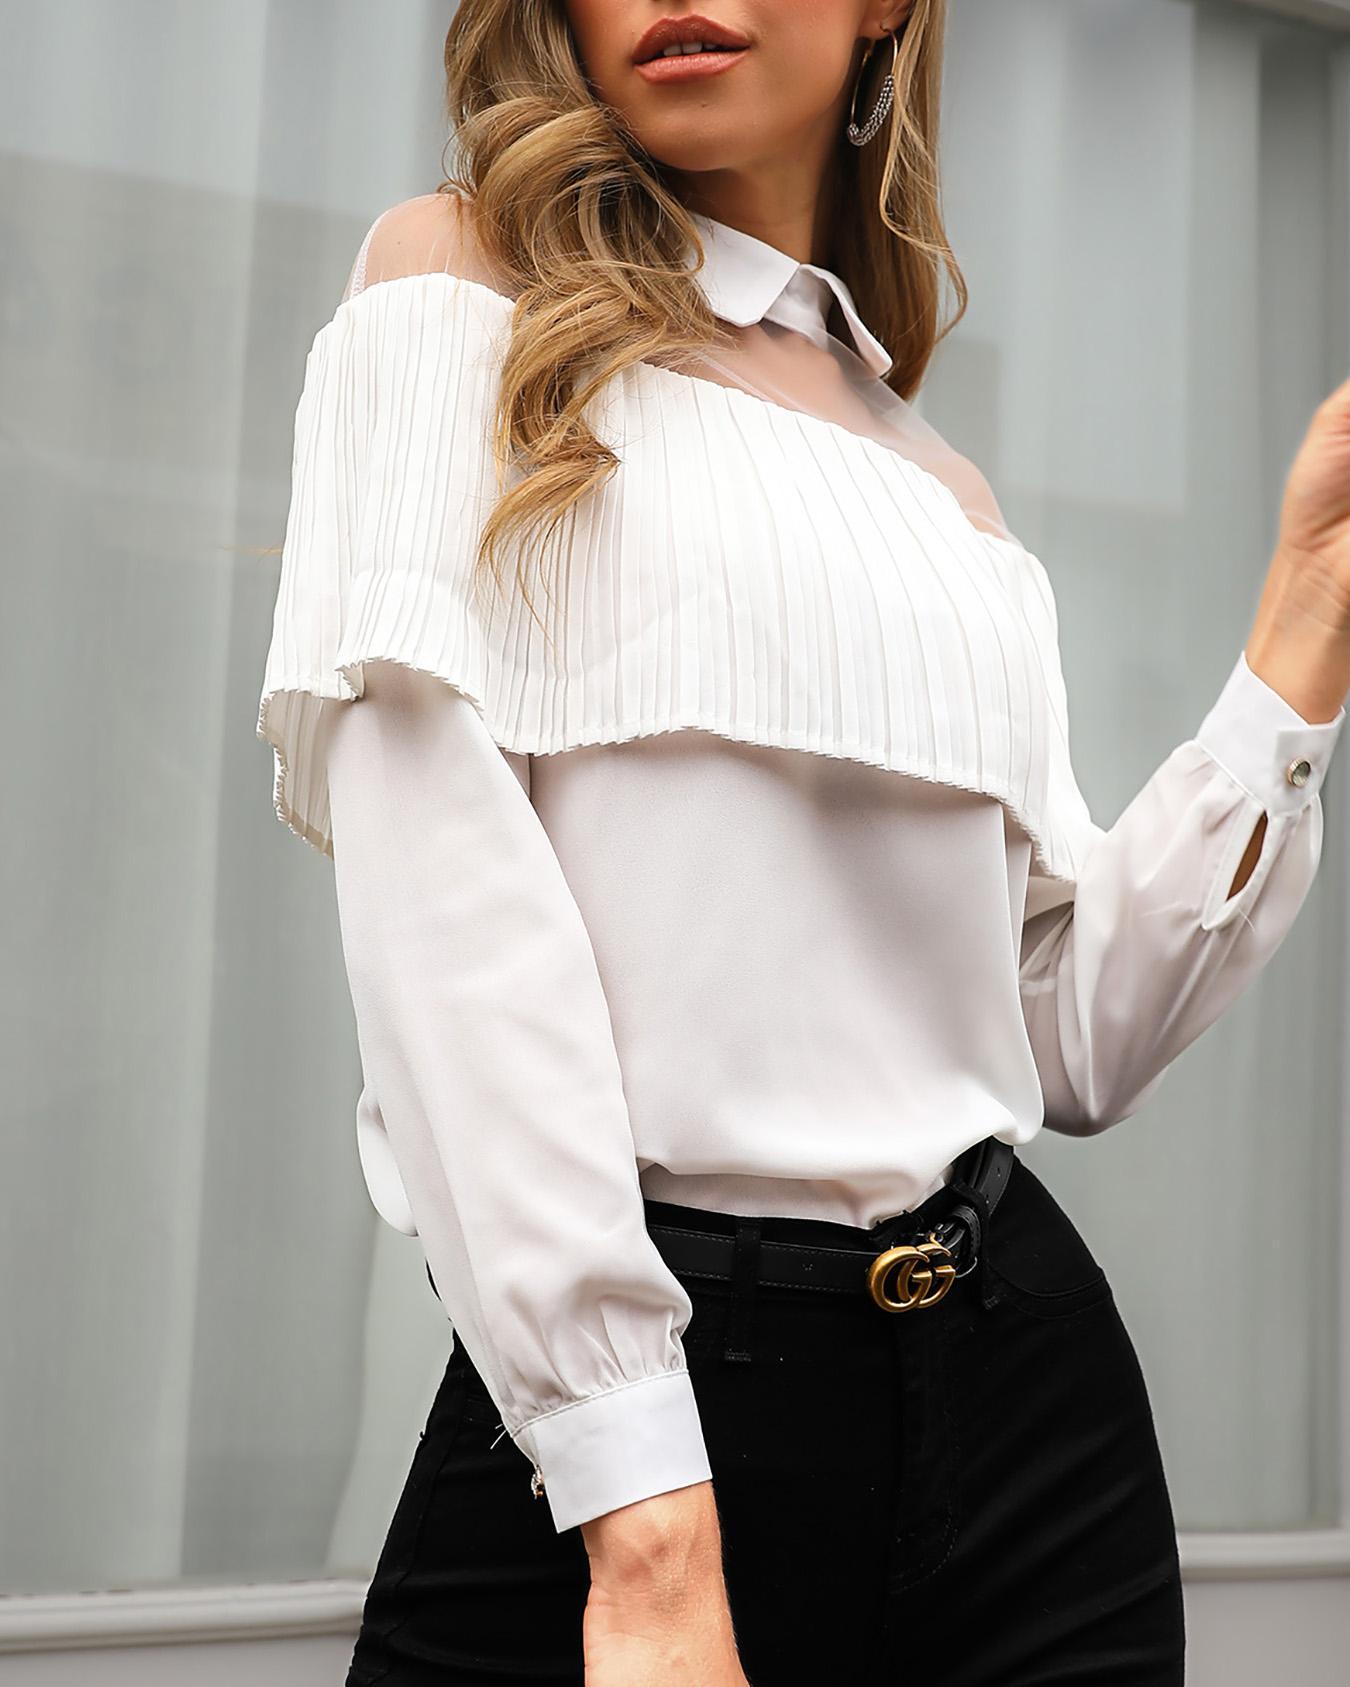 chicme / Blusa de manga larga con aplicación de malla transparente